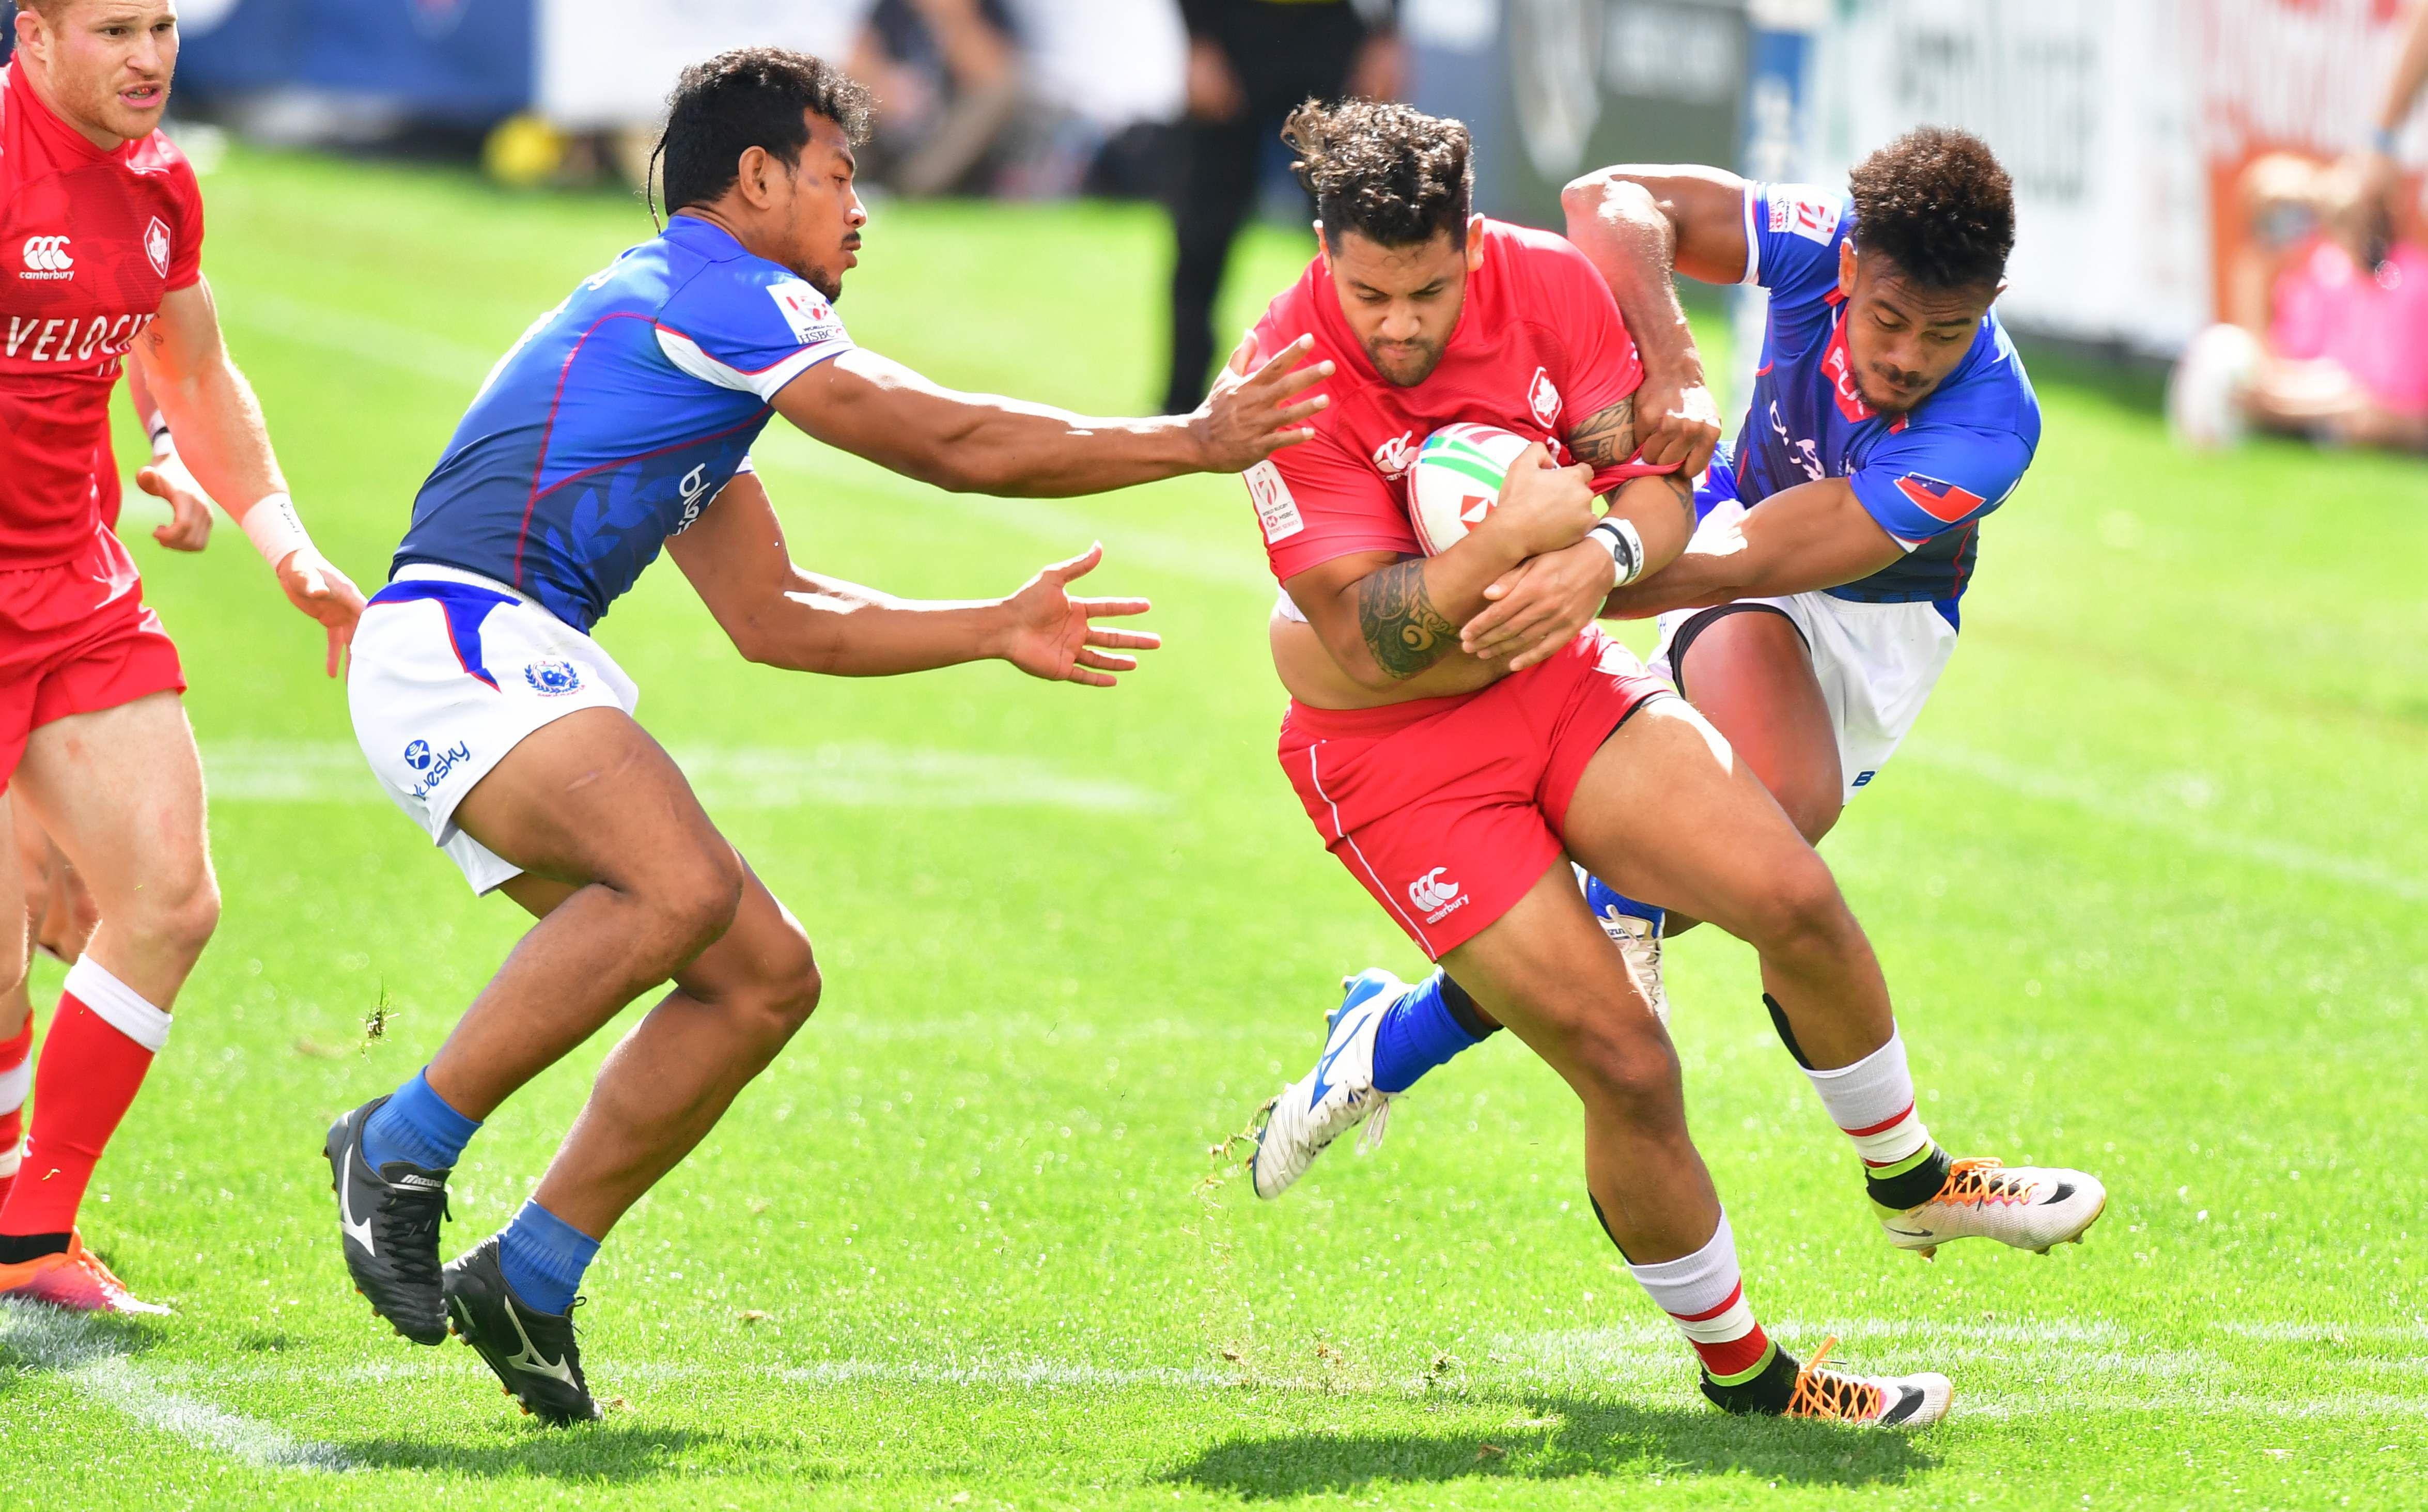 Canadian comeback falls short in narrow loss to Samoa at USA Sevens